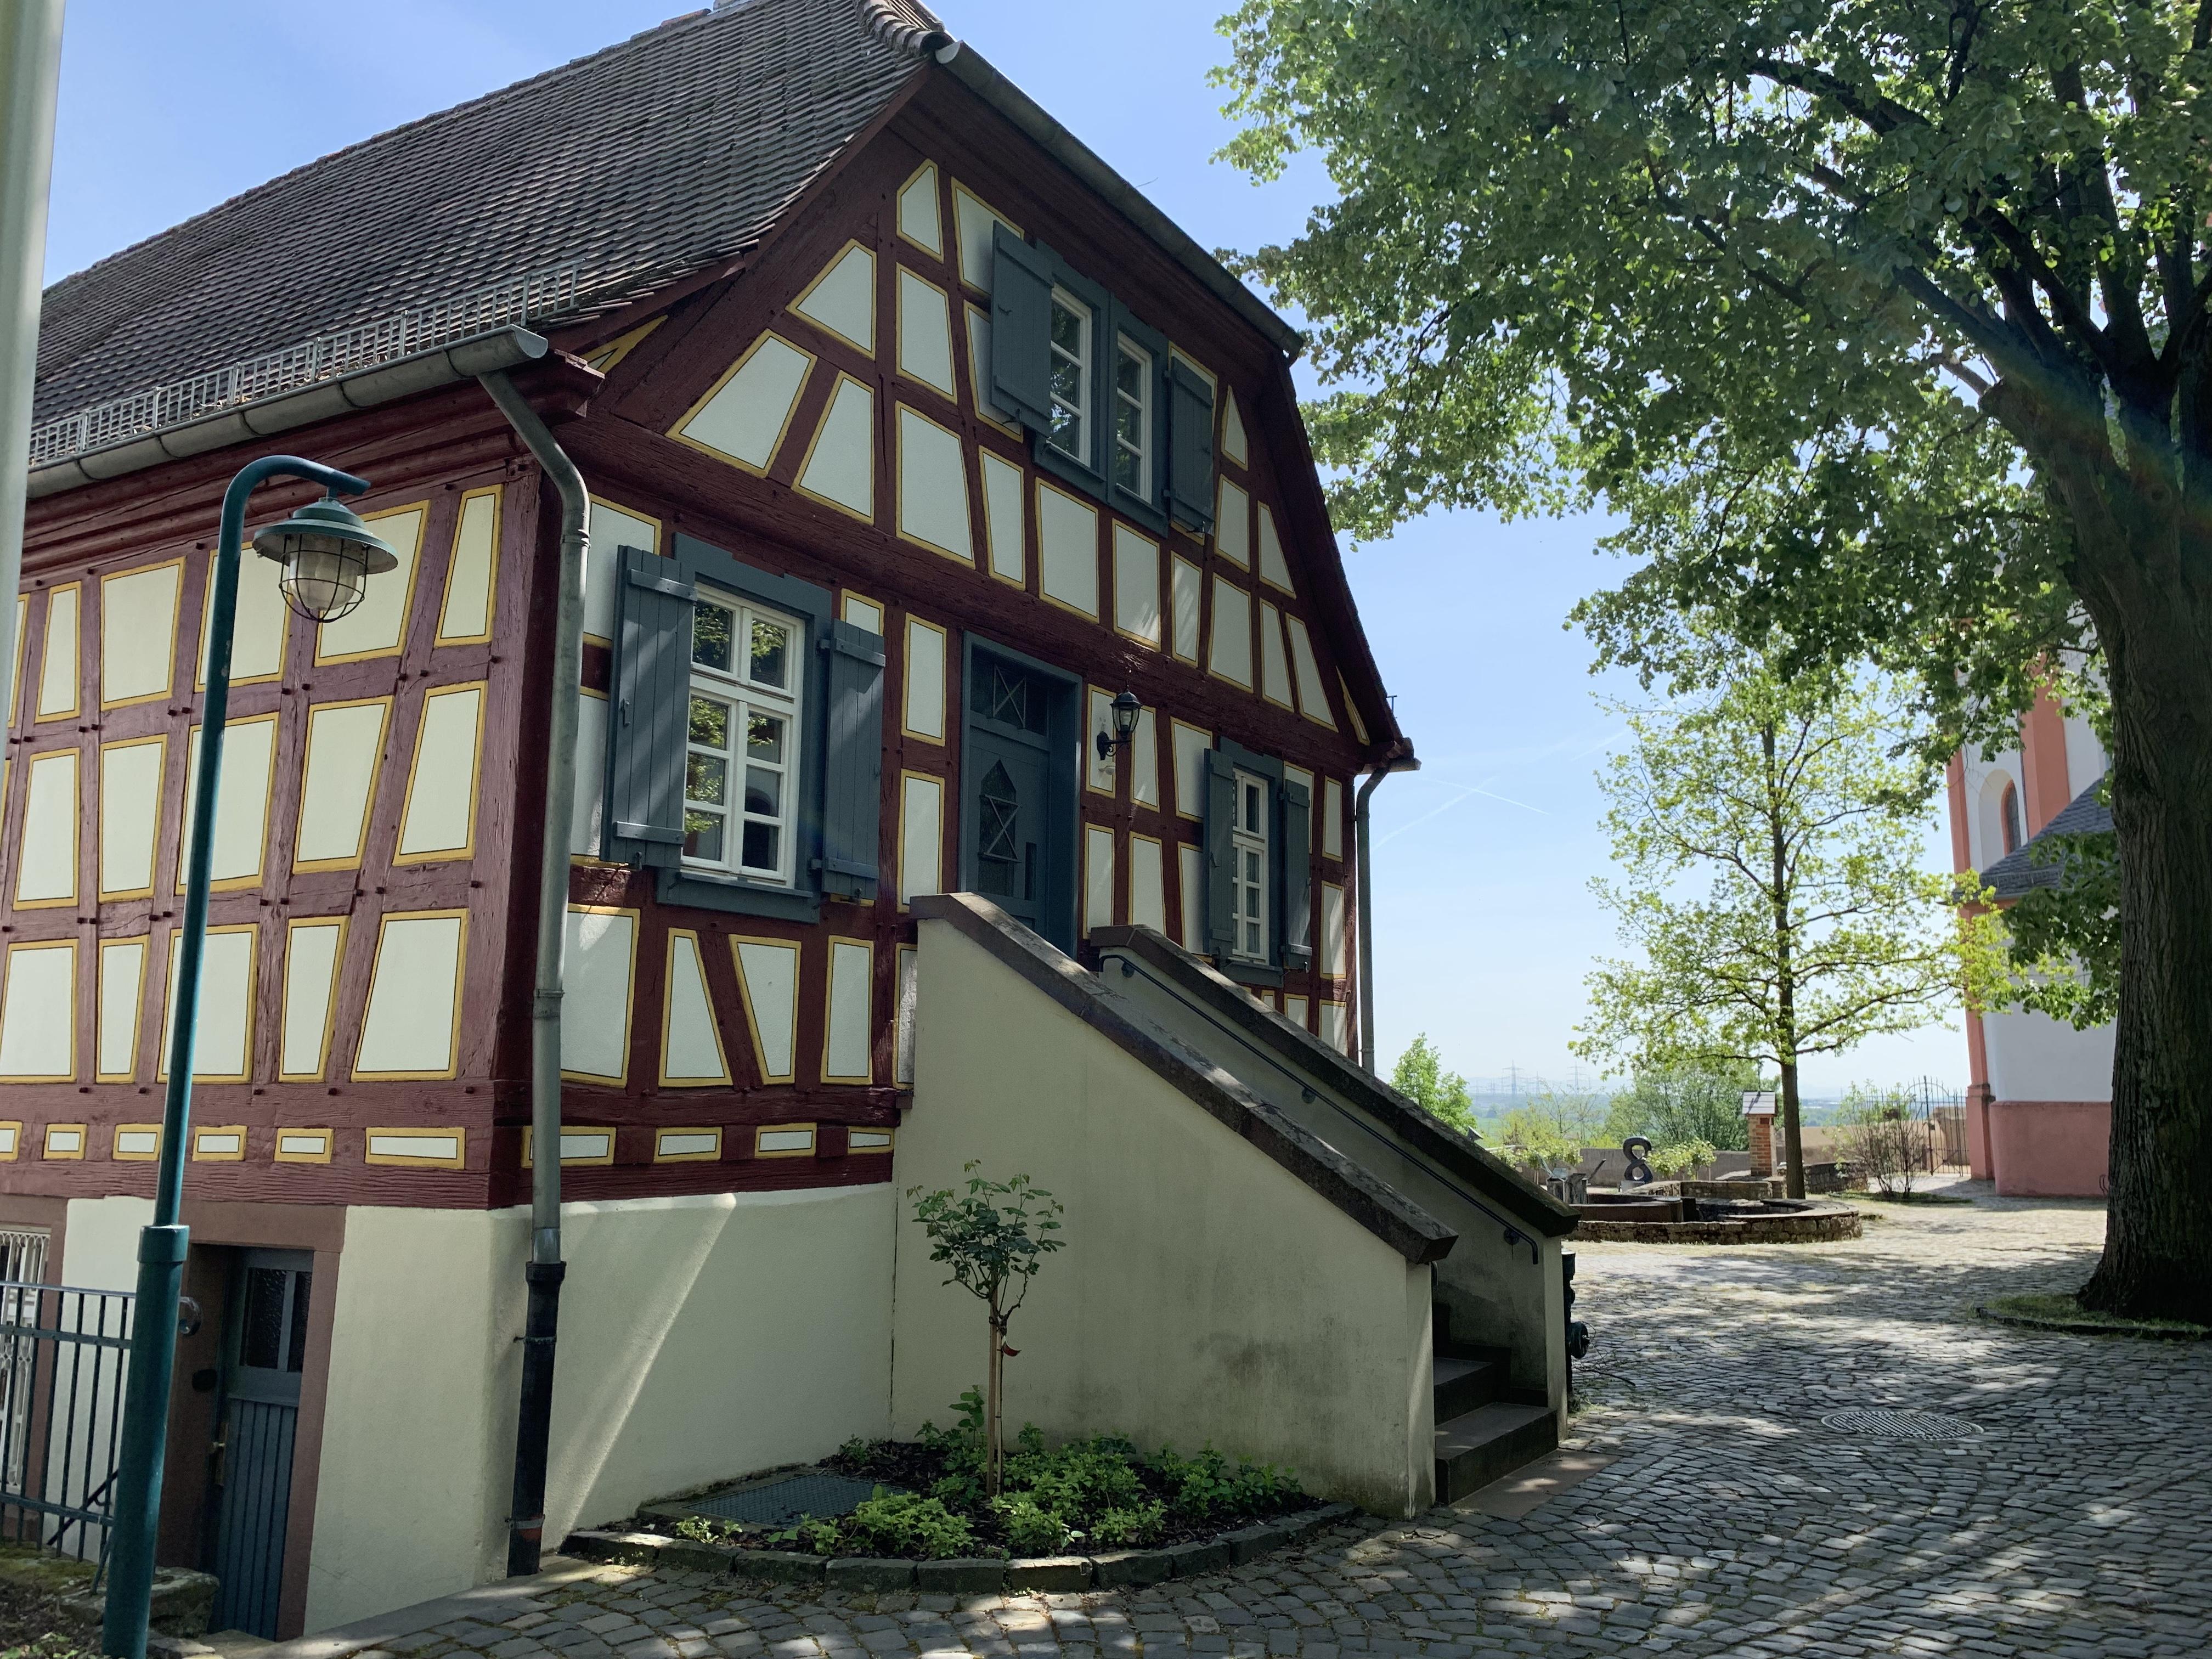 Küsterhaus in Hochheim